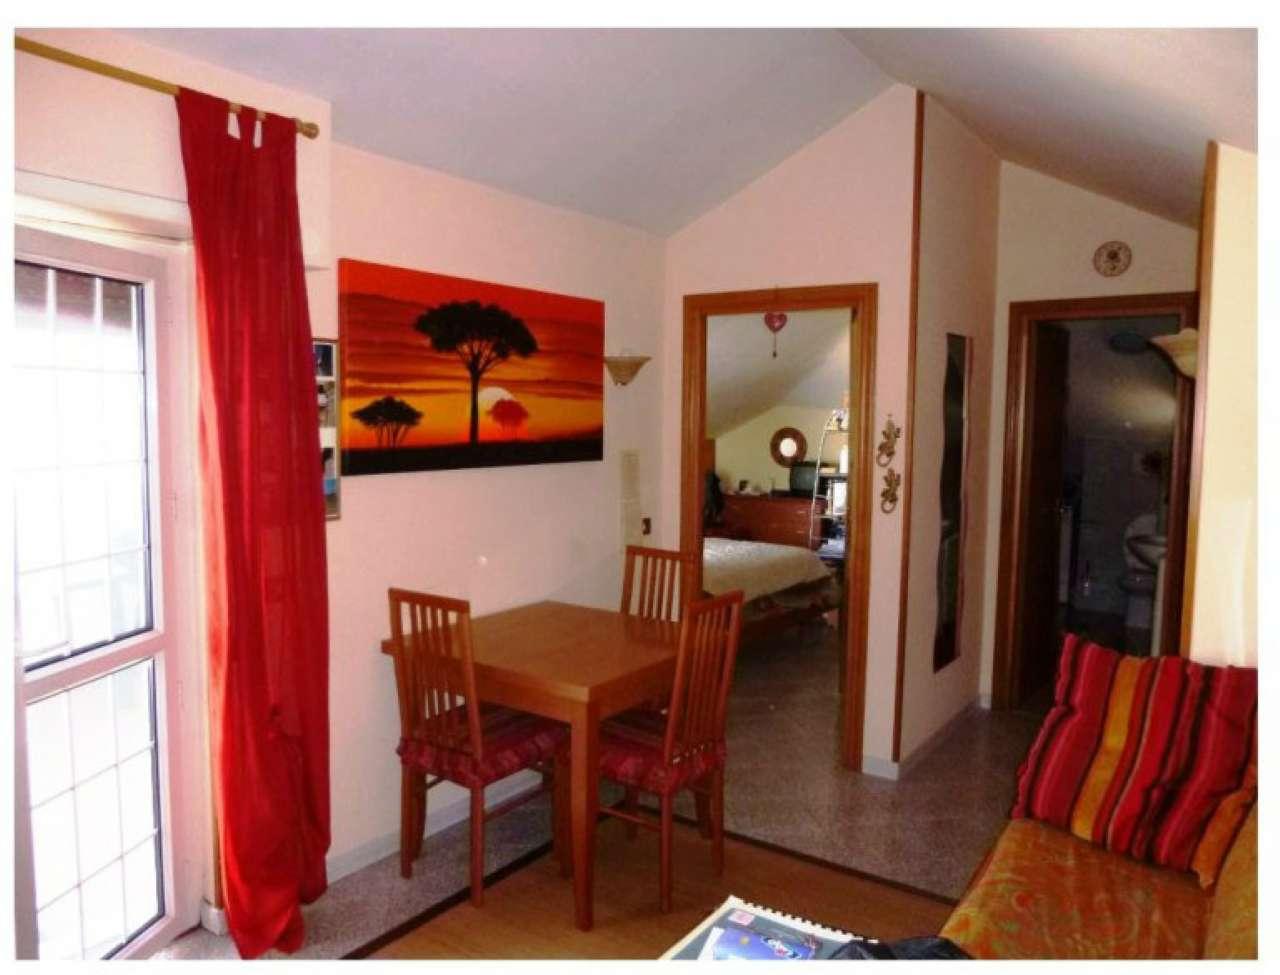 Attico / Mansarda in affitto a Guidonia Montecelio, 2 locali, prezzo € 550 | CambioCasa.it